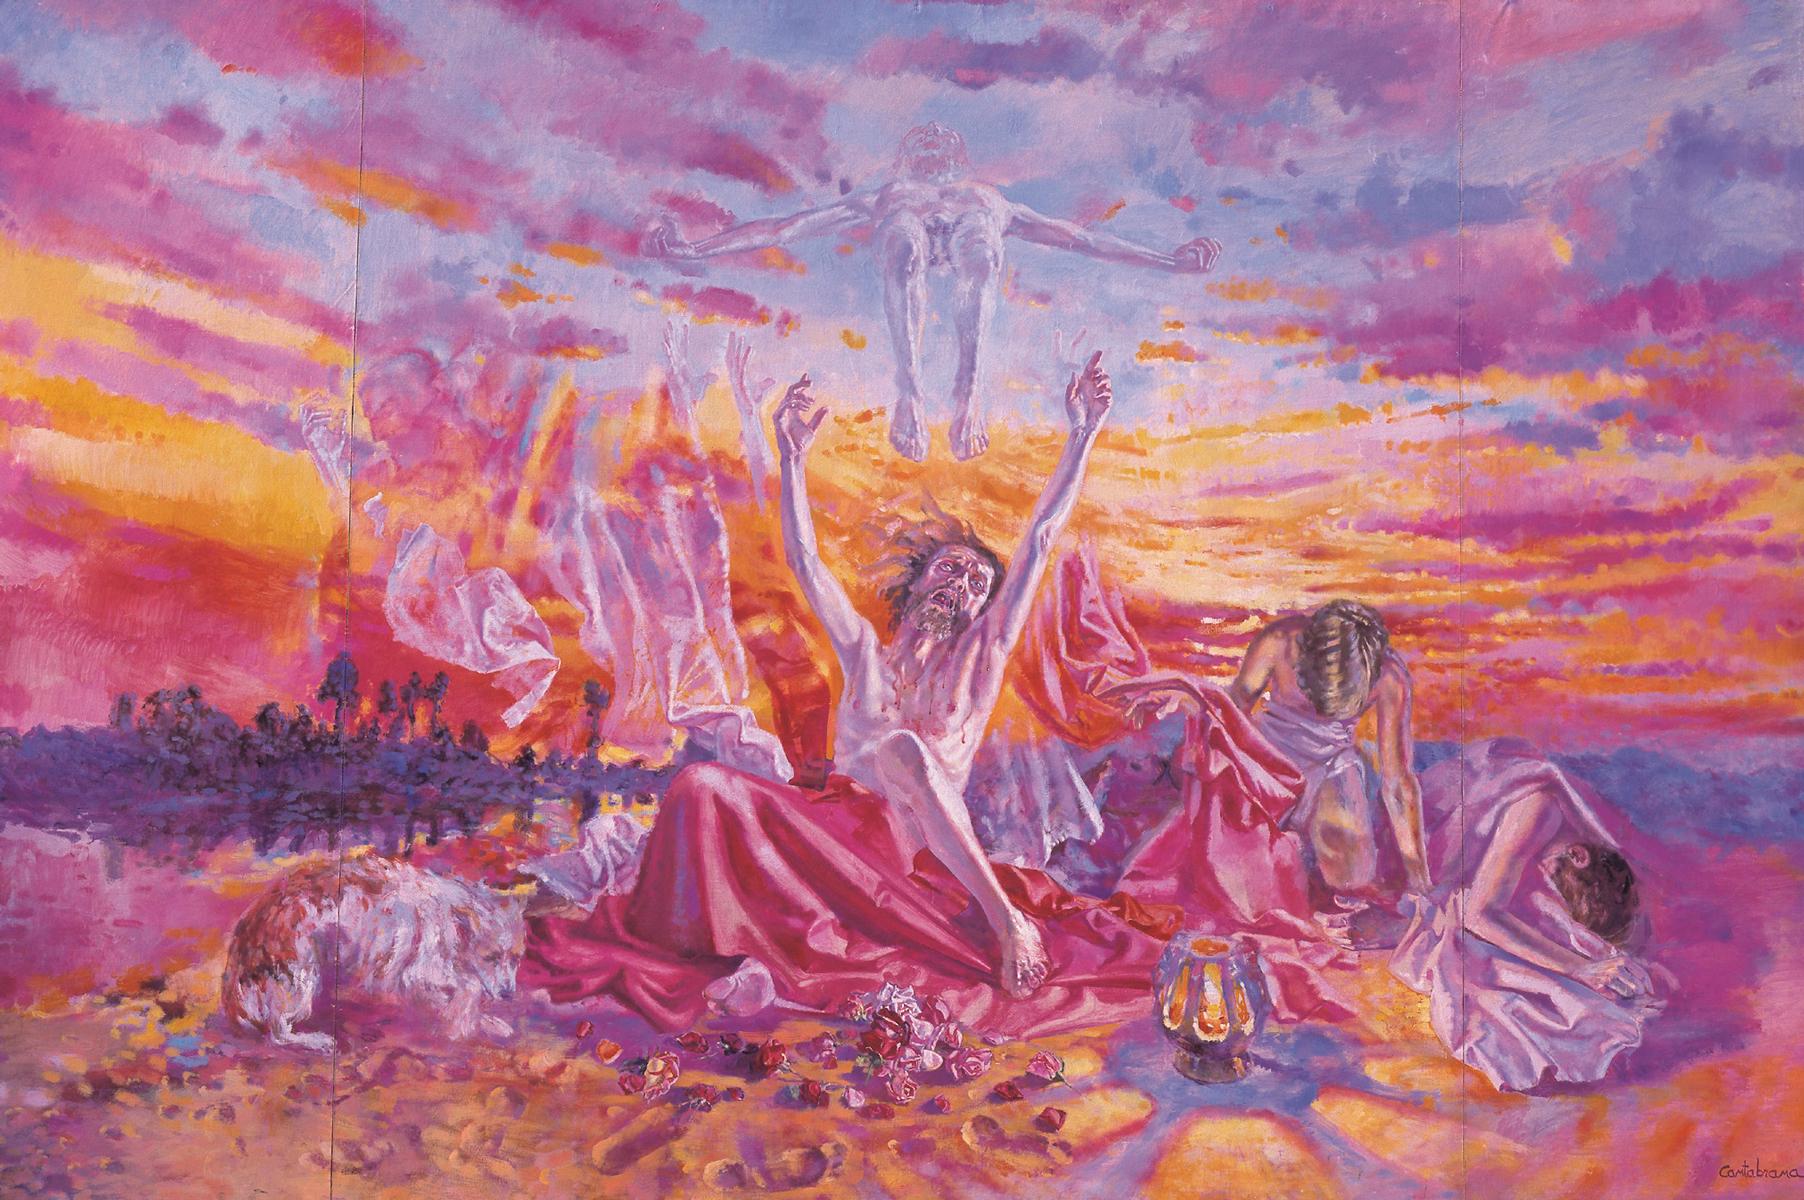 La-Oracion-en-el-Huerto-oleo-sobre-lienzo-360x240-cm